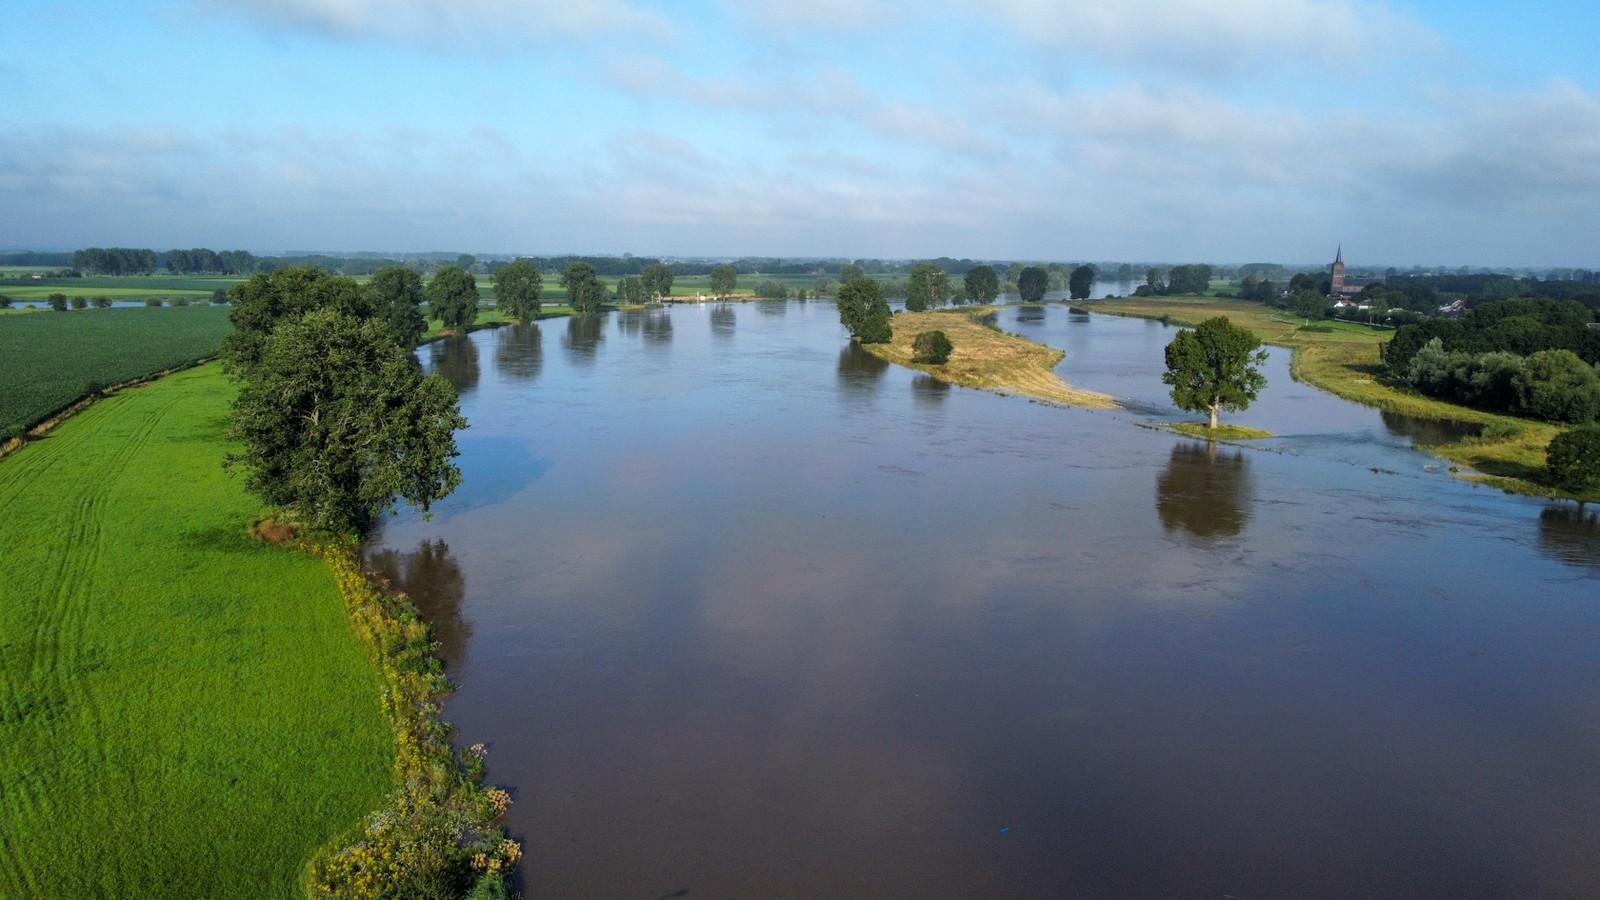 Het water van de Maas staat hoog bij Megen, vlakbij Oss.